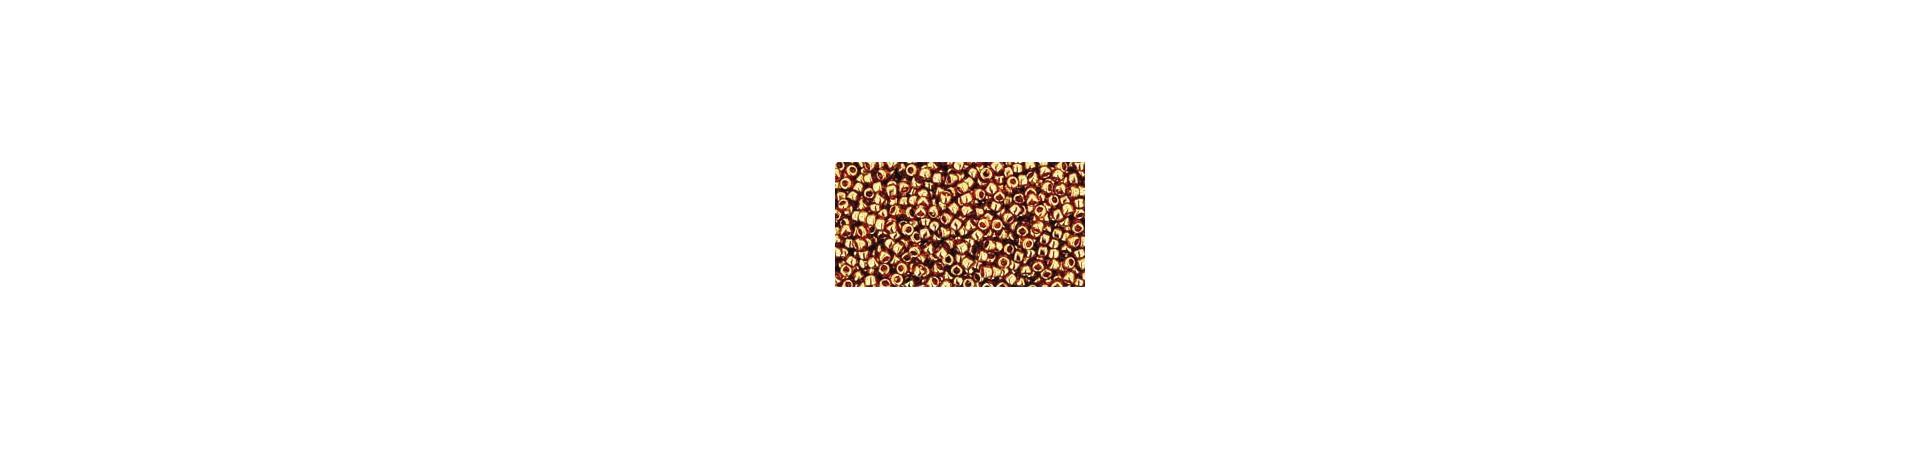 Ümmargused (1.5mm) seemnehelmeid 15/0